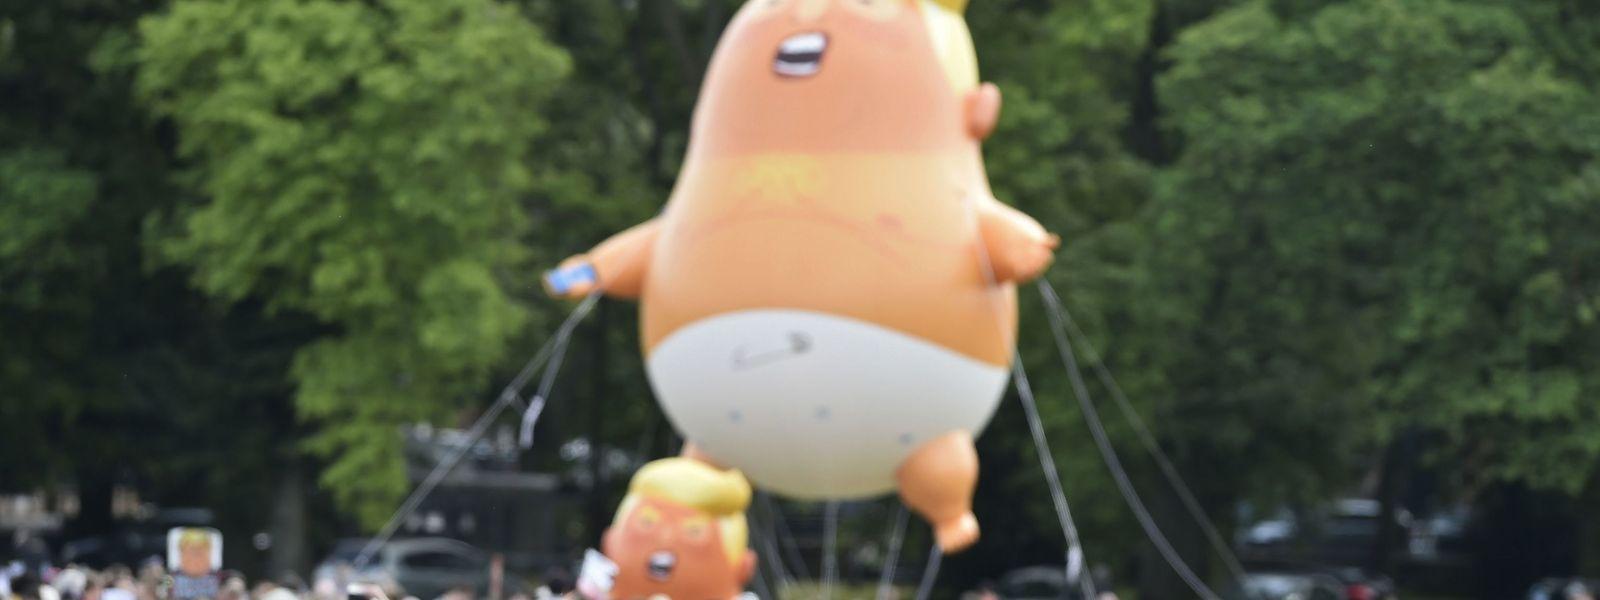 """Un ballon à l'effigie de """"bébé Trump"""" lors d'une manifestation en Ecosse le 14 juillet 2018"""